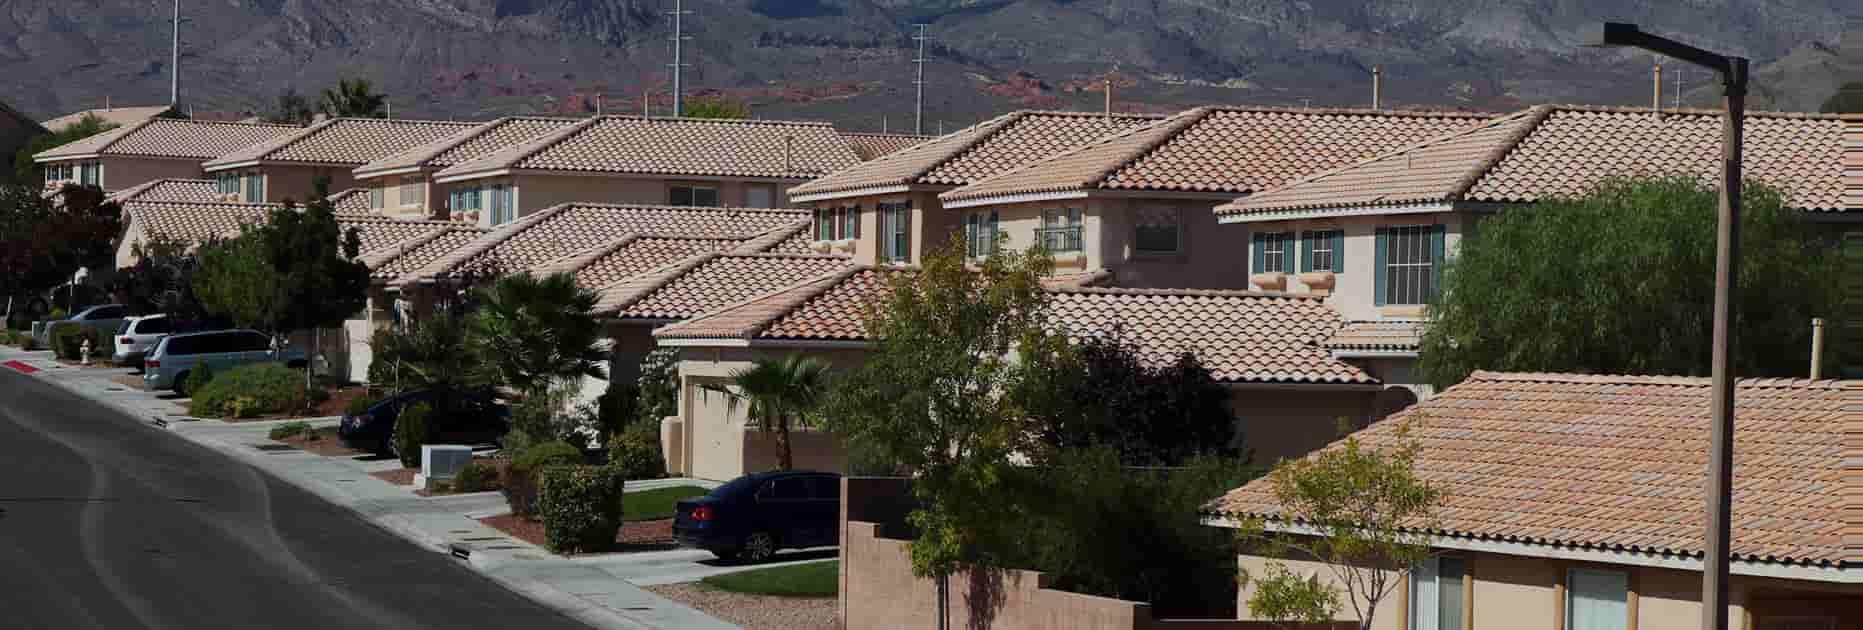 residential roofing las vegas